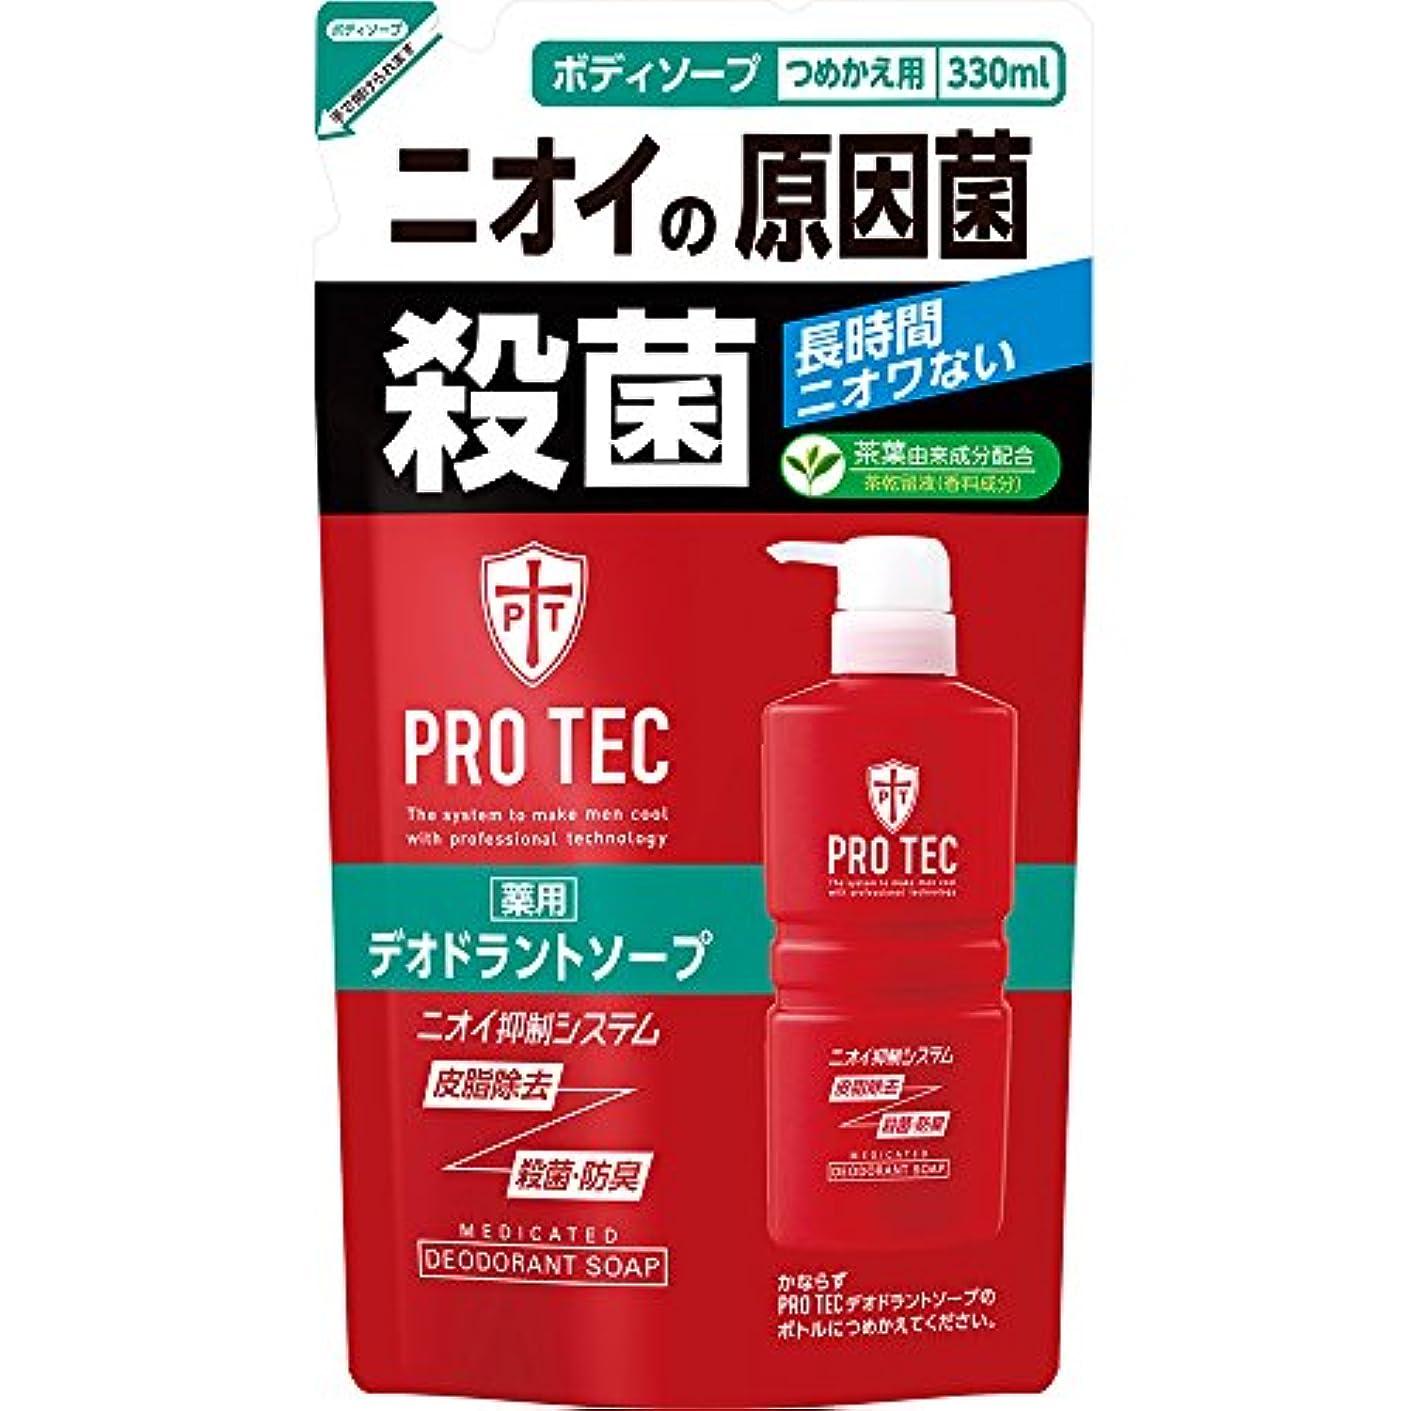 分解する気になる選出するPRO TEC(プロテク) デオドラントソープ 詰め替え 330ml(医薬部外品)